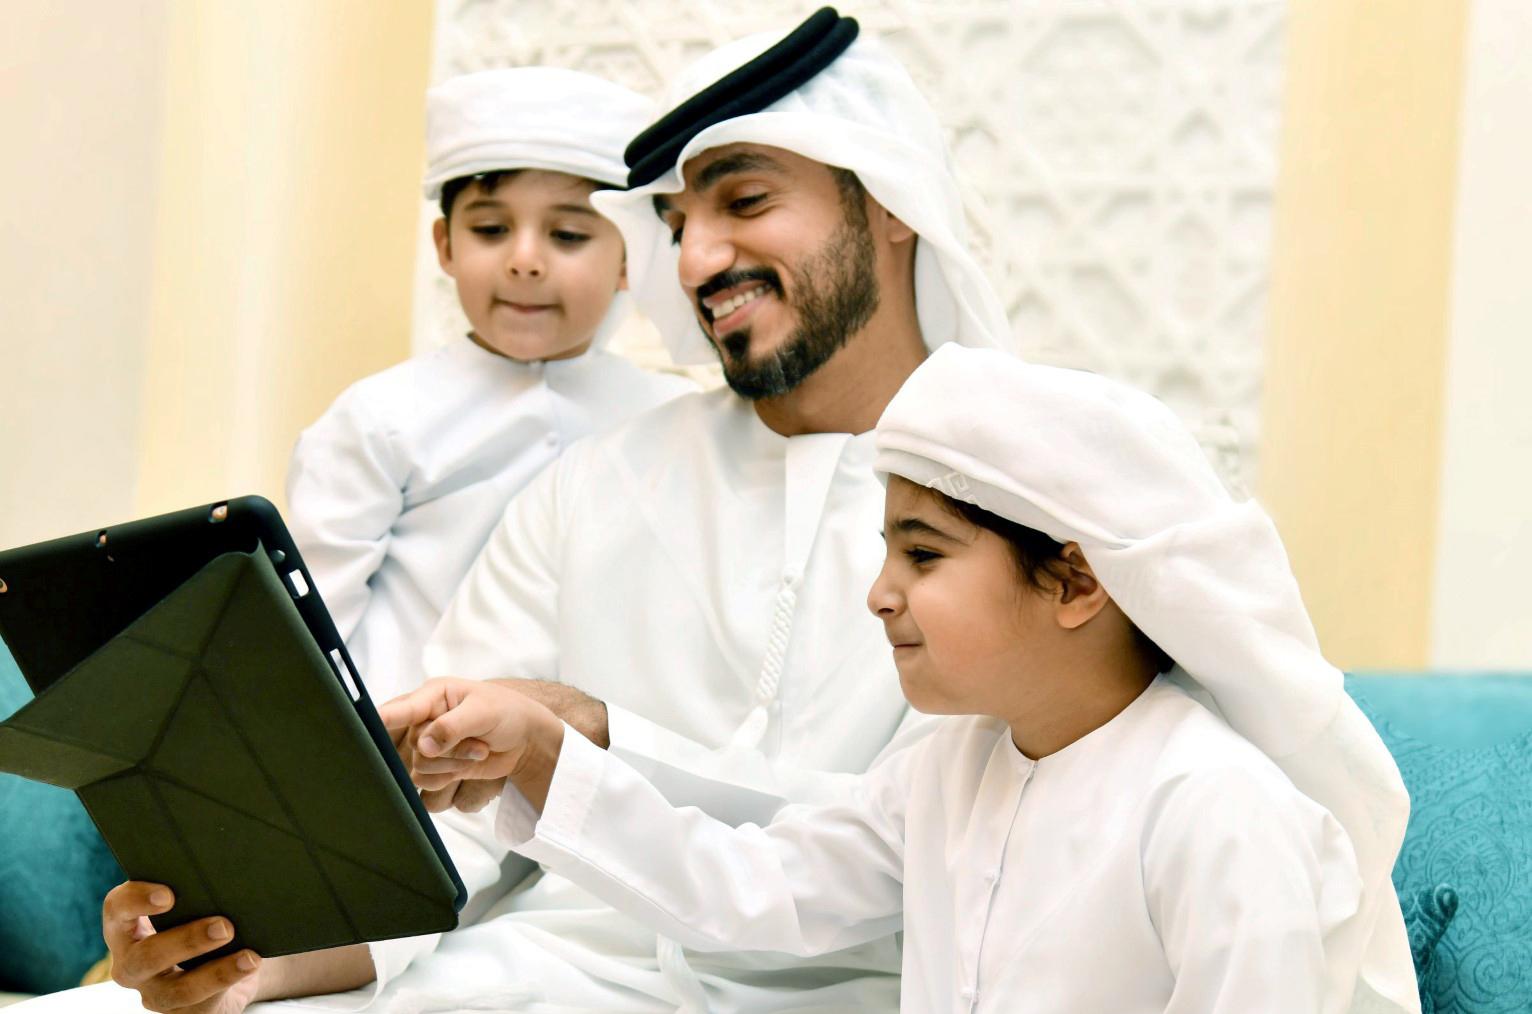 الشارقة : دراسة مسحية تكشف نتائج قياس الوعي حول سلامة الأطفال إلكترونيا